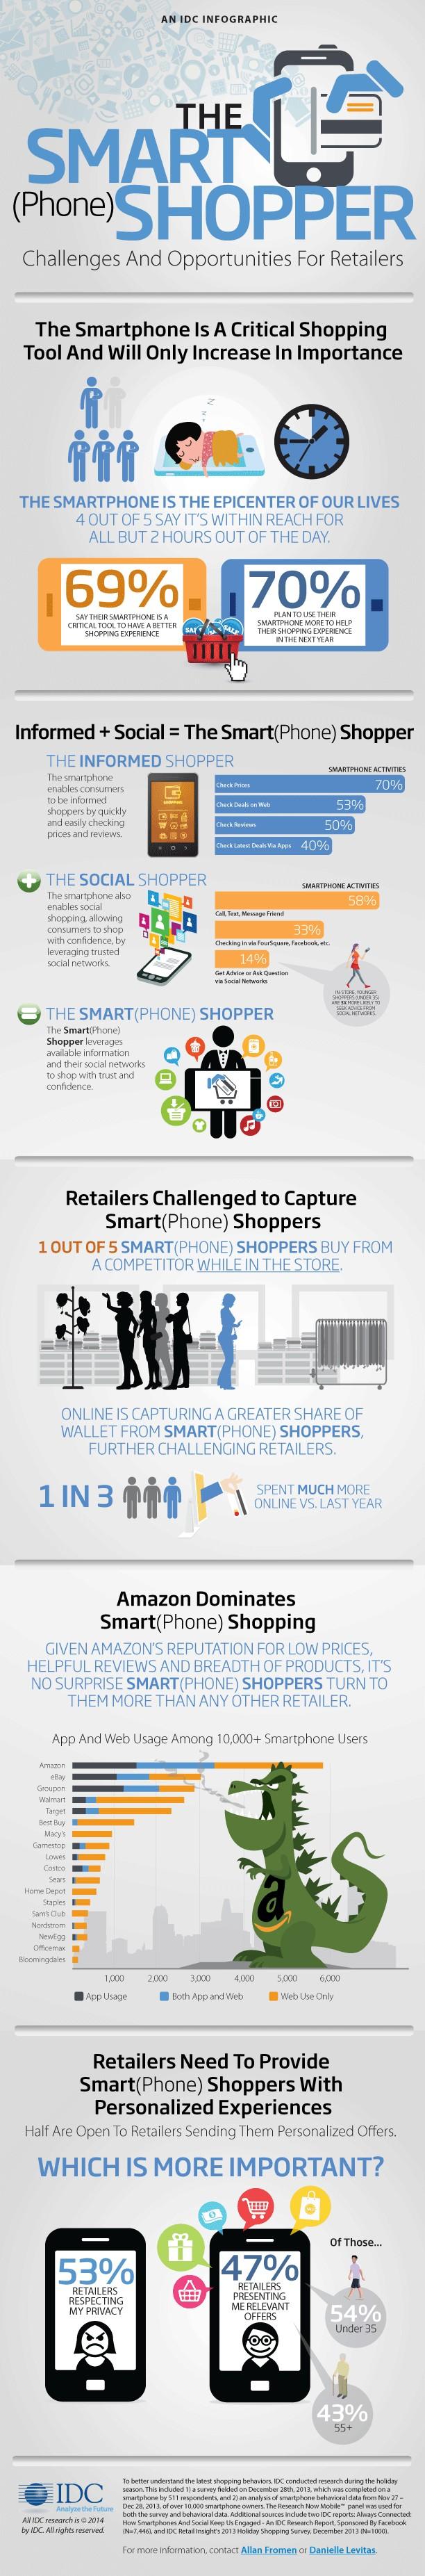 Смартфоны стали критическим инструментом для шопинга ИНФОГРАФИКА